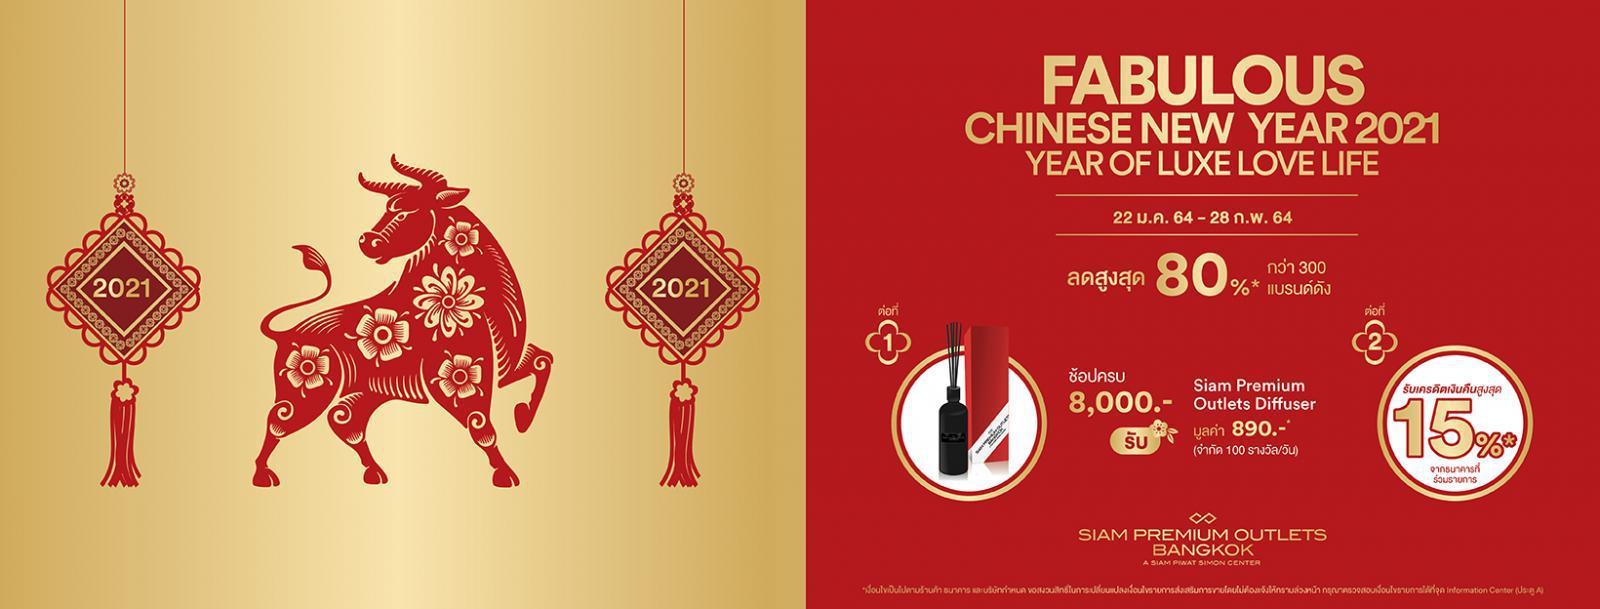 """สยามพรีเมี่ยมเอาท์เล็ต กรุงเทพ ส่งแคมเปญสุดพิเศษรับตรุษจีน """"Fabulous Chinese New Year 2021 Year Of Luxe Love Life"""""""